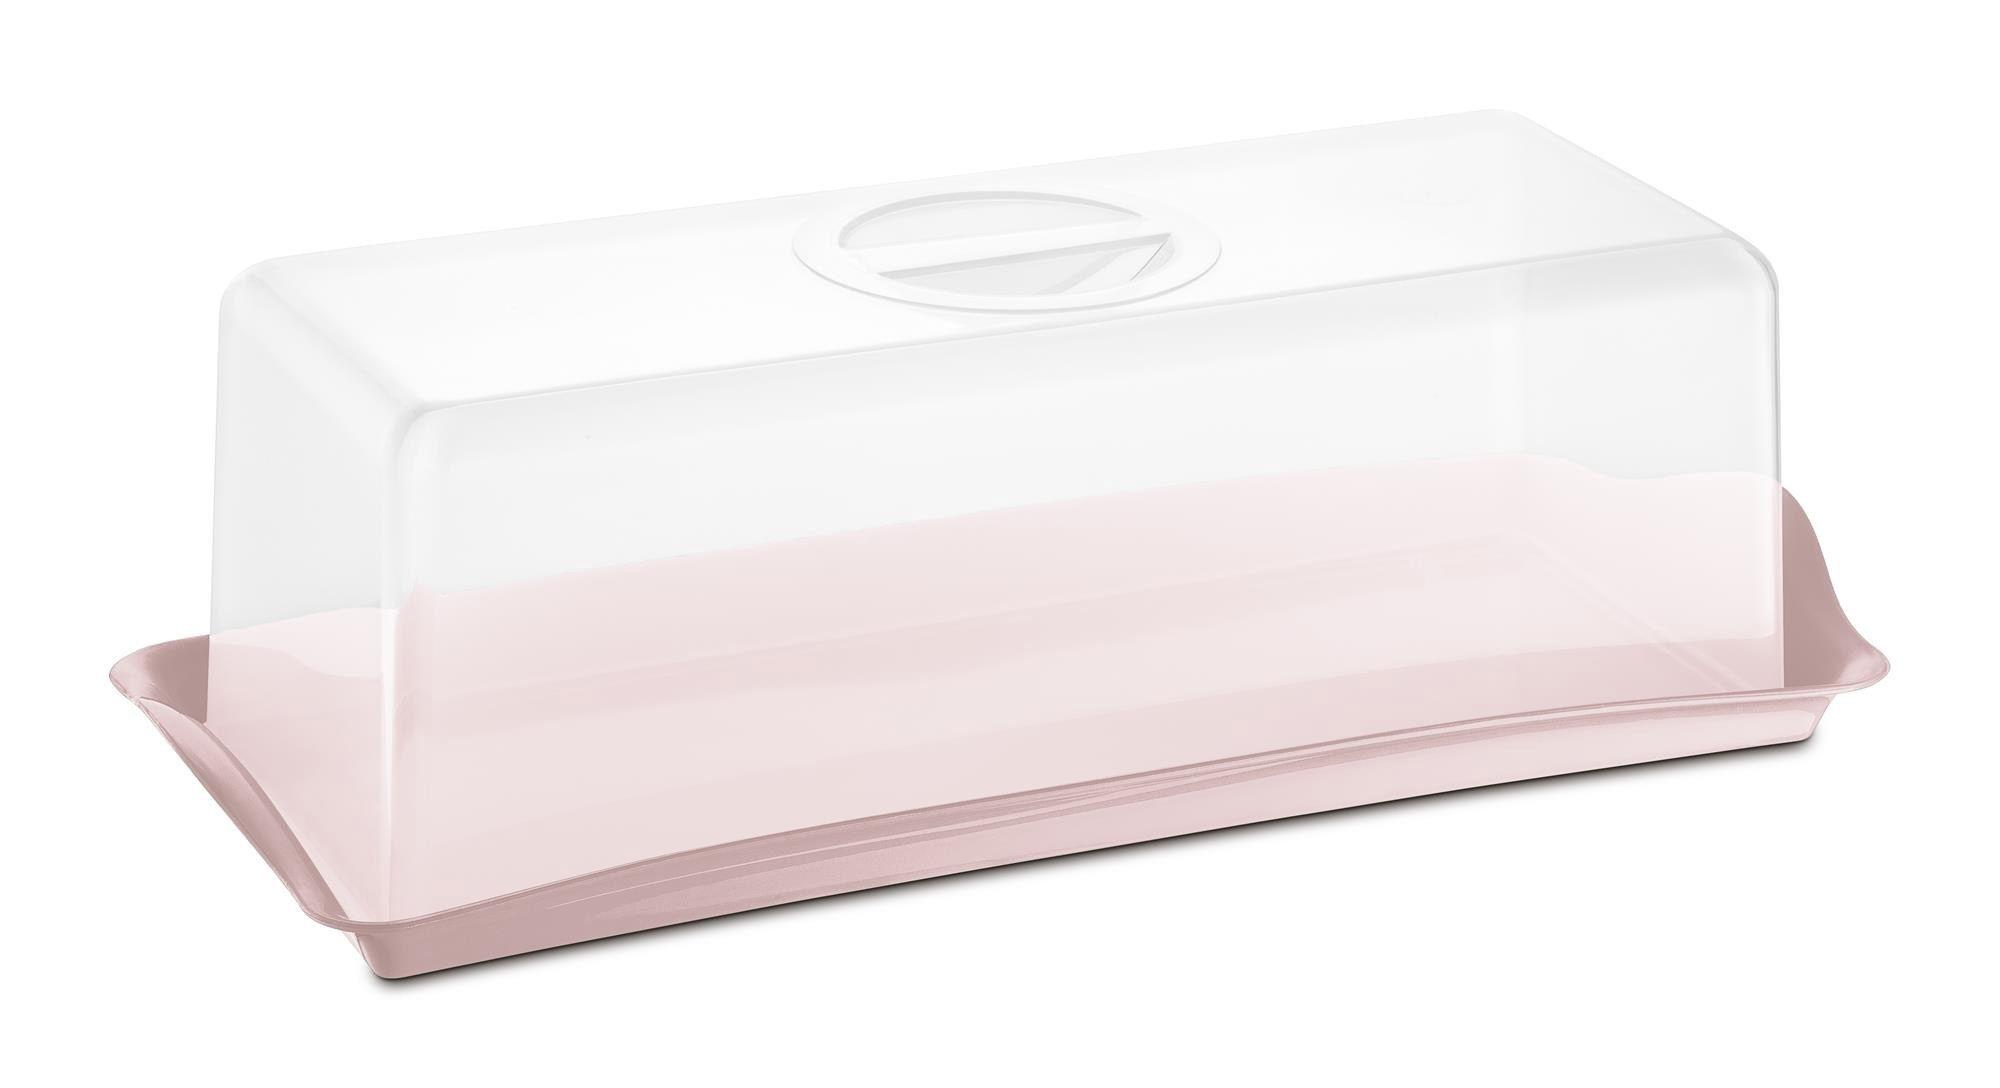 Porta Pão Premium Plástico Uz Utilidades Rosa